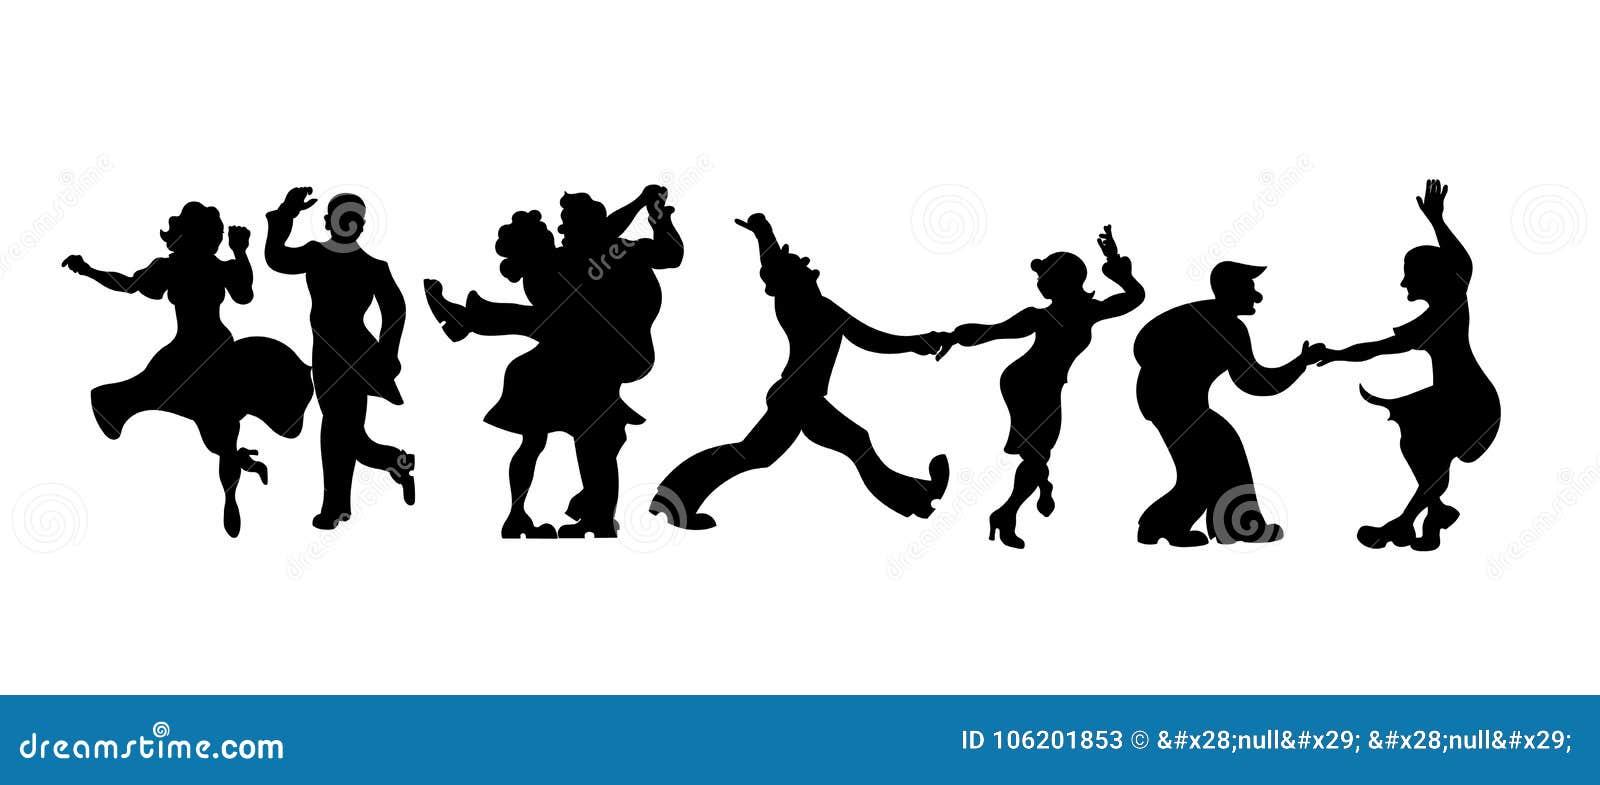 Konturer fyra par av folk som dansar charleston eller retro dans också vektor för coreldrawillustration fastställd retro isolerad